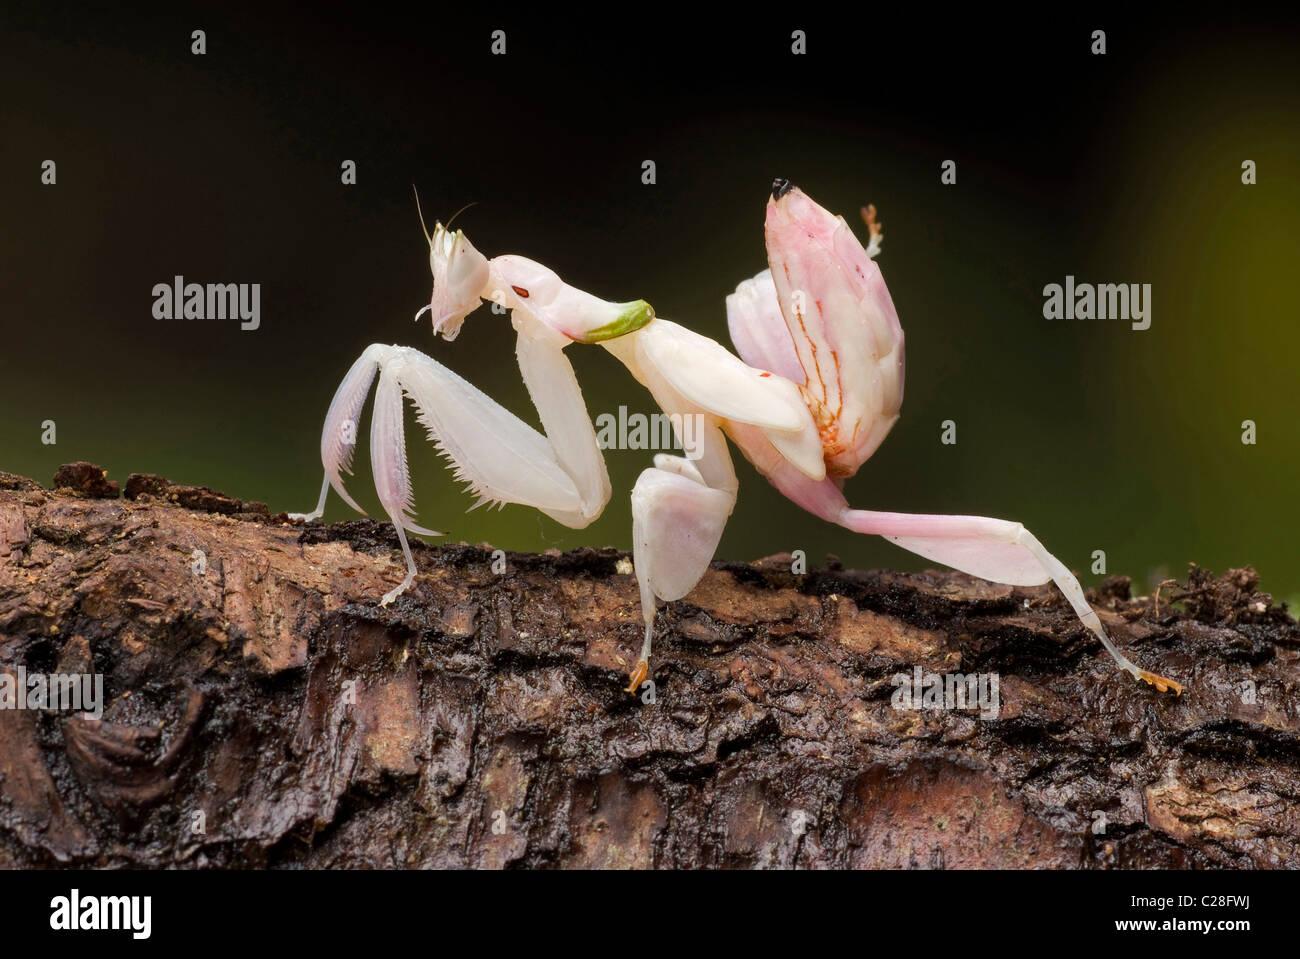 Orchideen-Mantis (Hymenopus Coronatus) auf Rinde. Stockbild